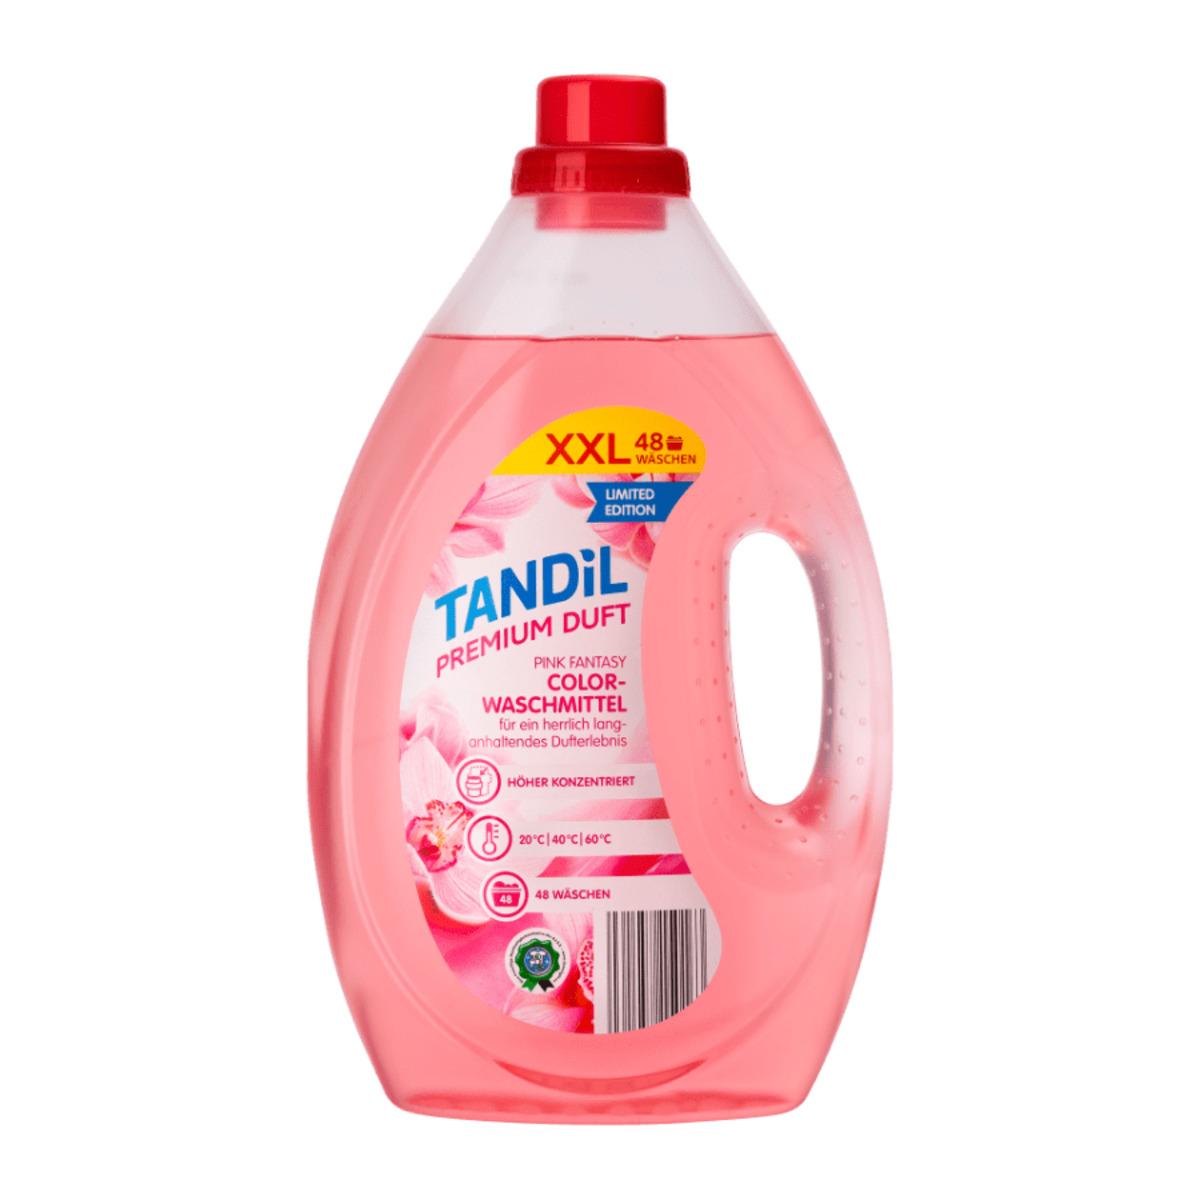 Bild 4 von TANDIL     Flüssigwaschmittel XXL